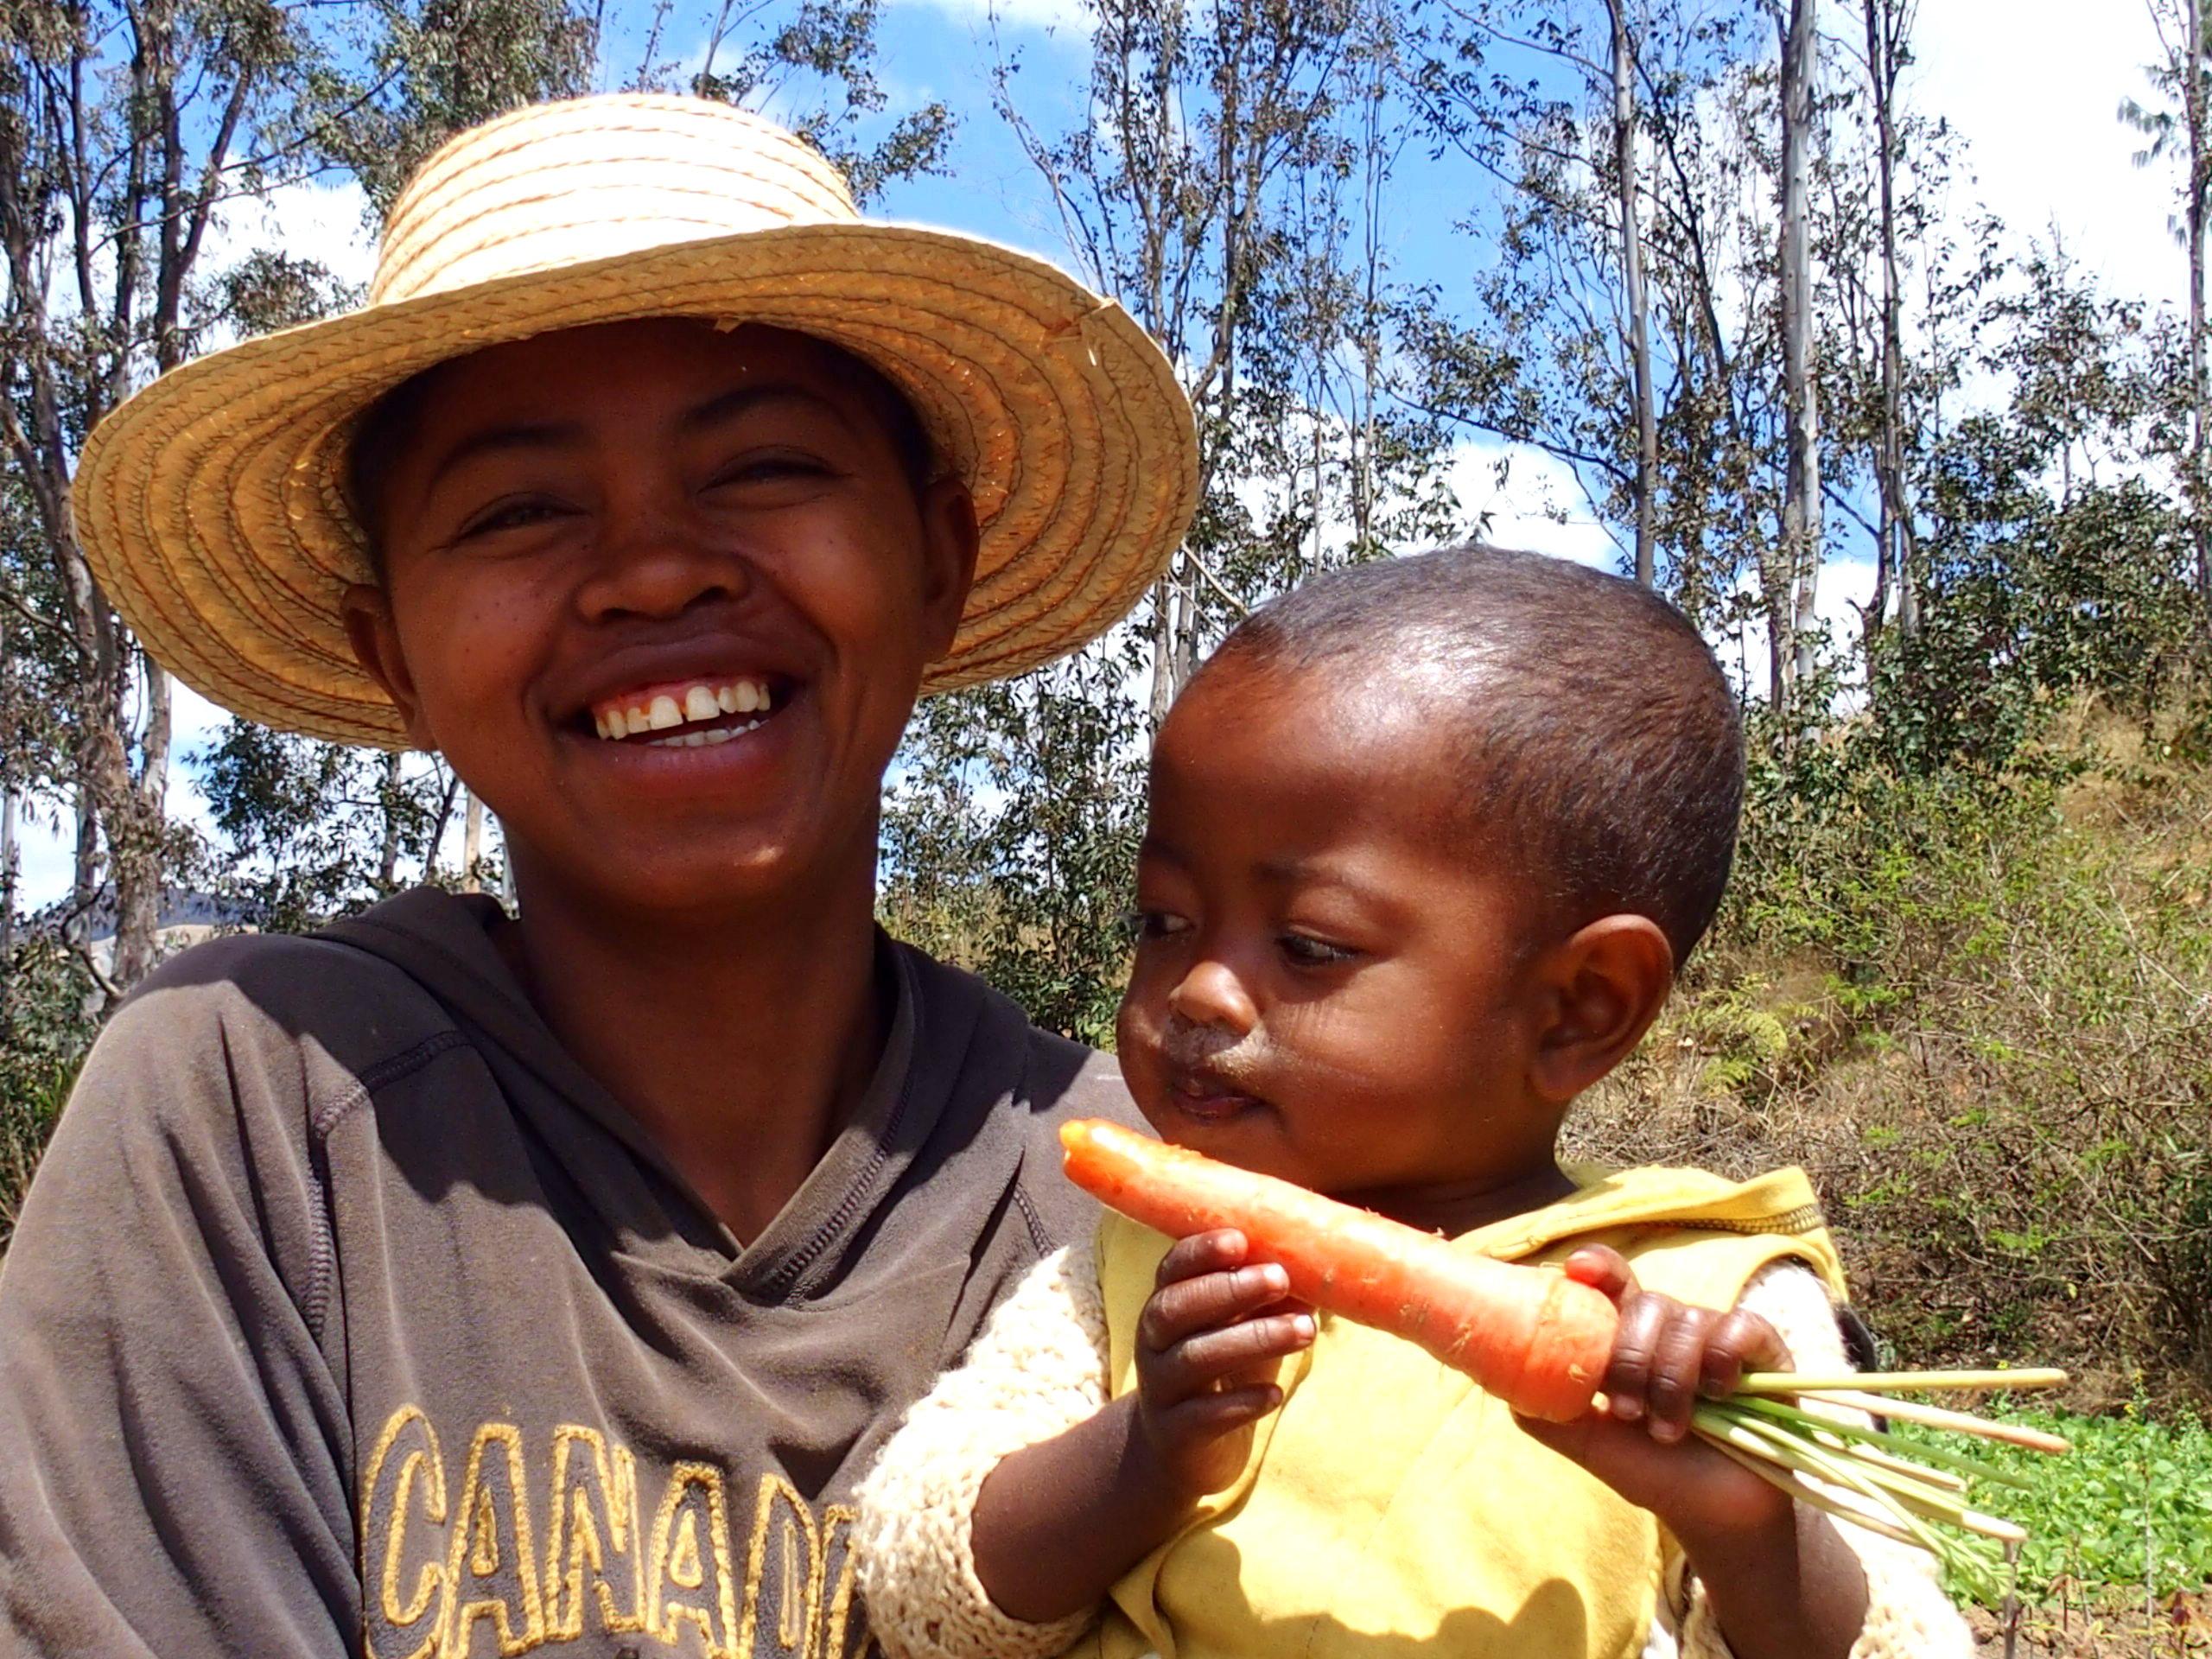 Mère et fils mangeur de carotte dans un champ à Madagascar